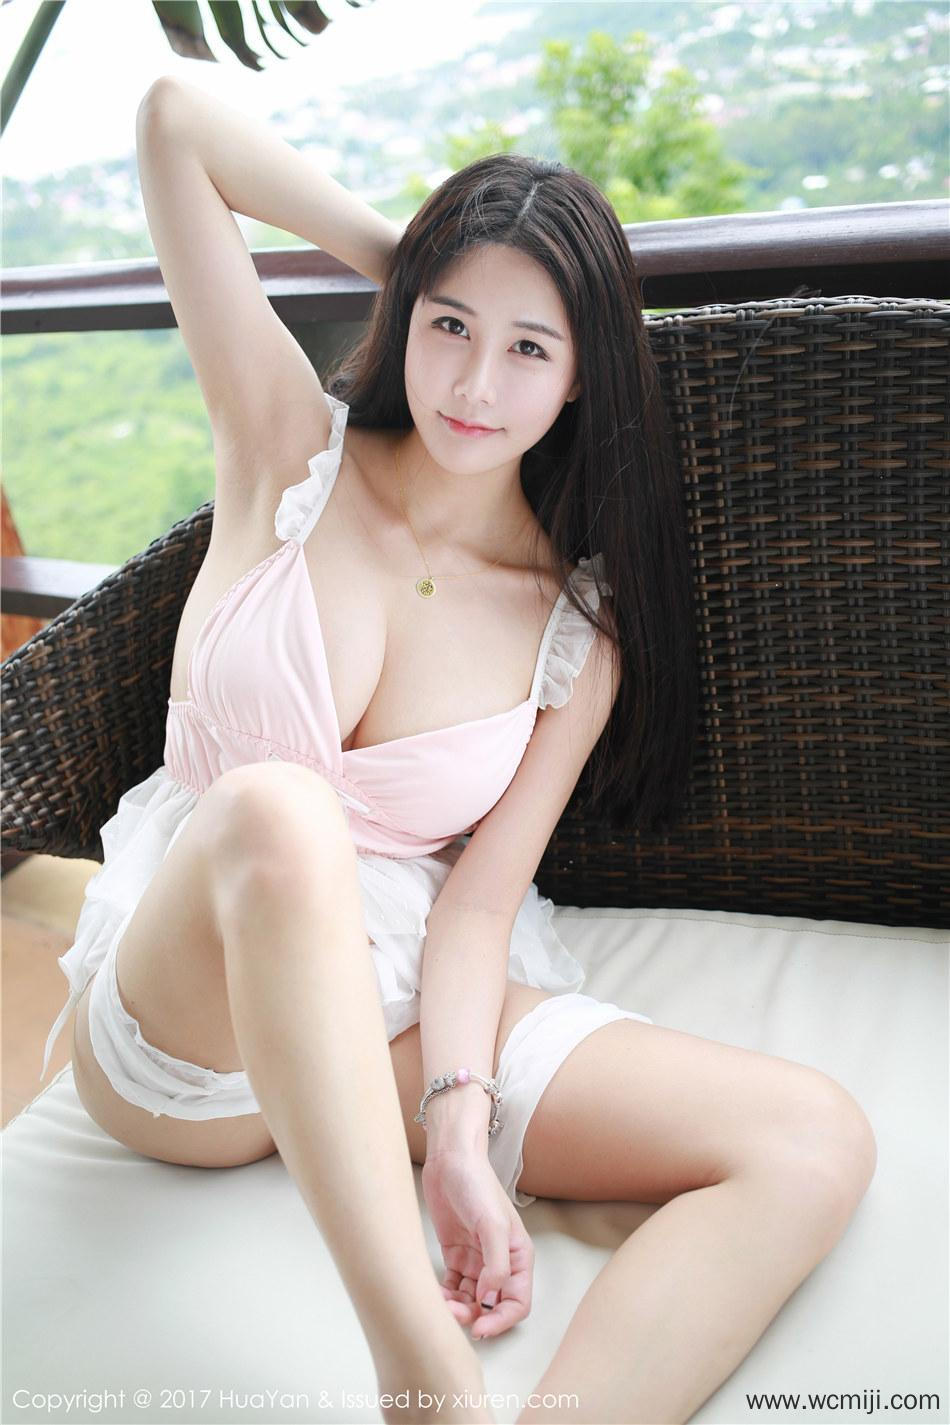 【花の颜】【琳琳】性感大胸美女琳琳ailin私拍写真 Vol.052【50P】 写真集